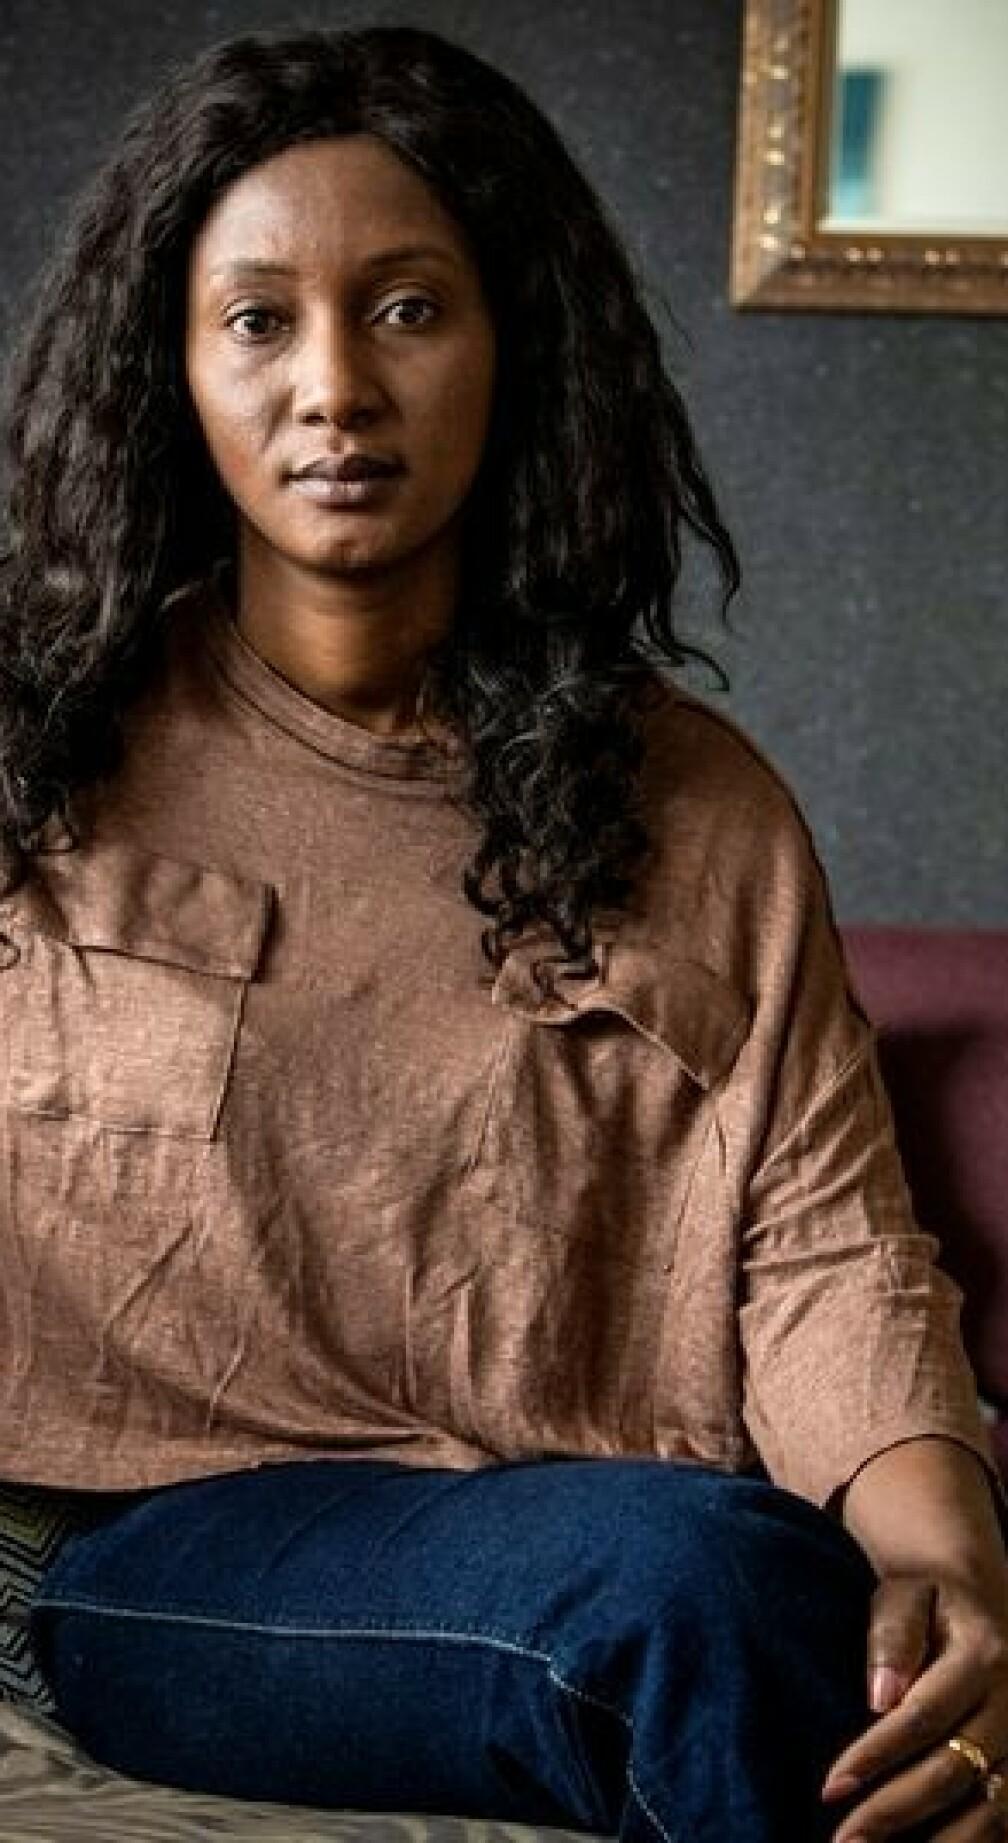 Renholder Nana er bekymret for om hun klarer å forsørge sin sønn: - Jeg kjemper hardt